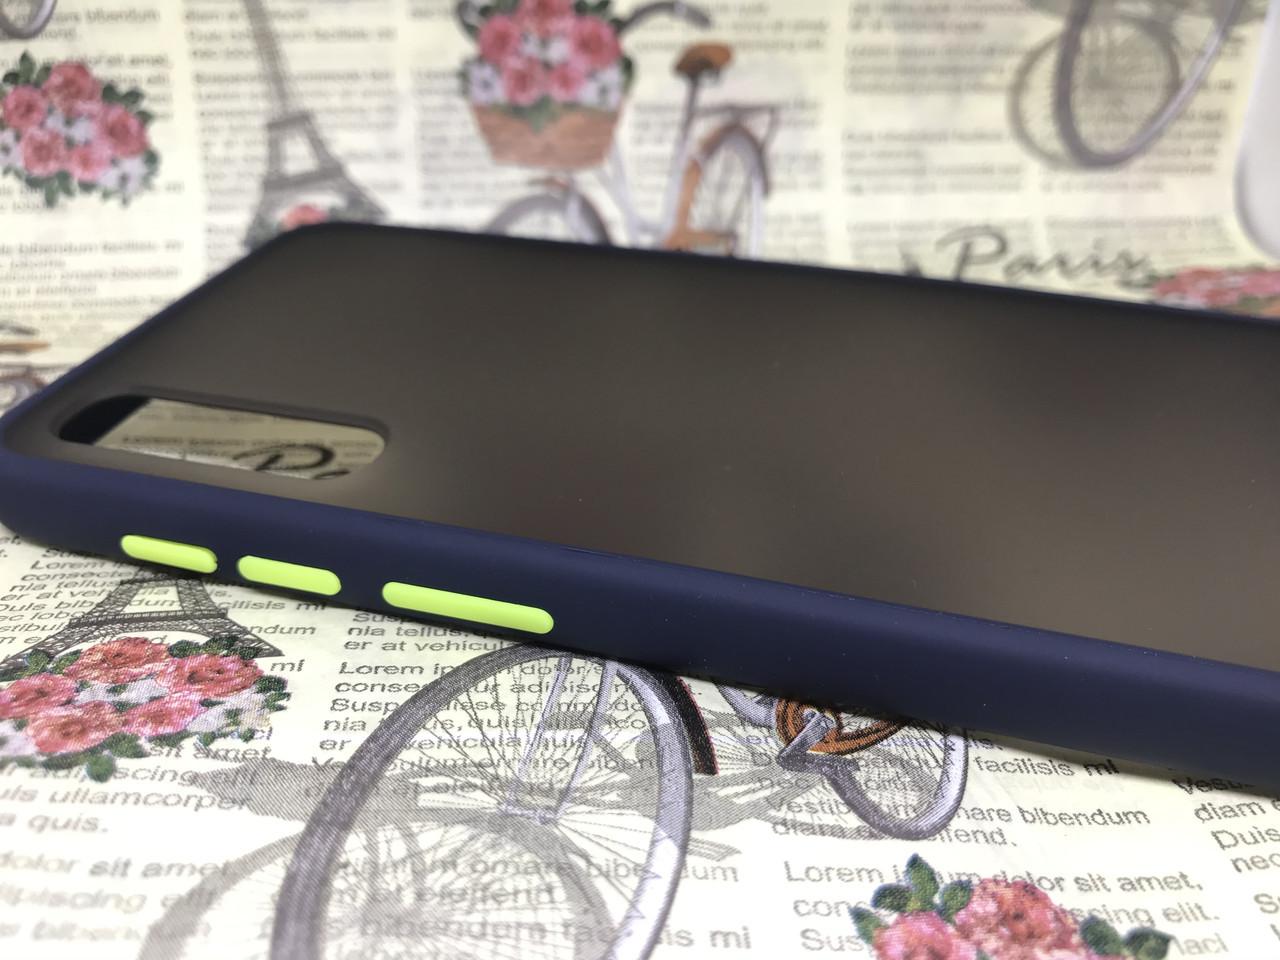 Чехол бампер накладка на Samsung A50 2019 (A505F) противоударный цветная окантовка черный синий зеленый белый